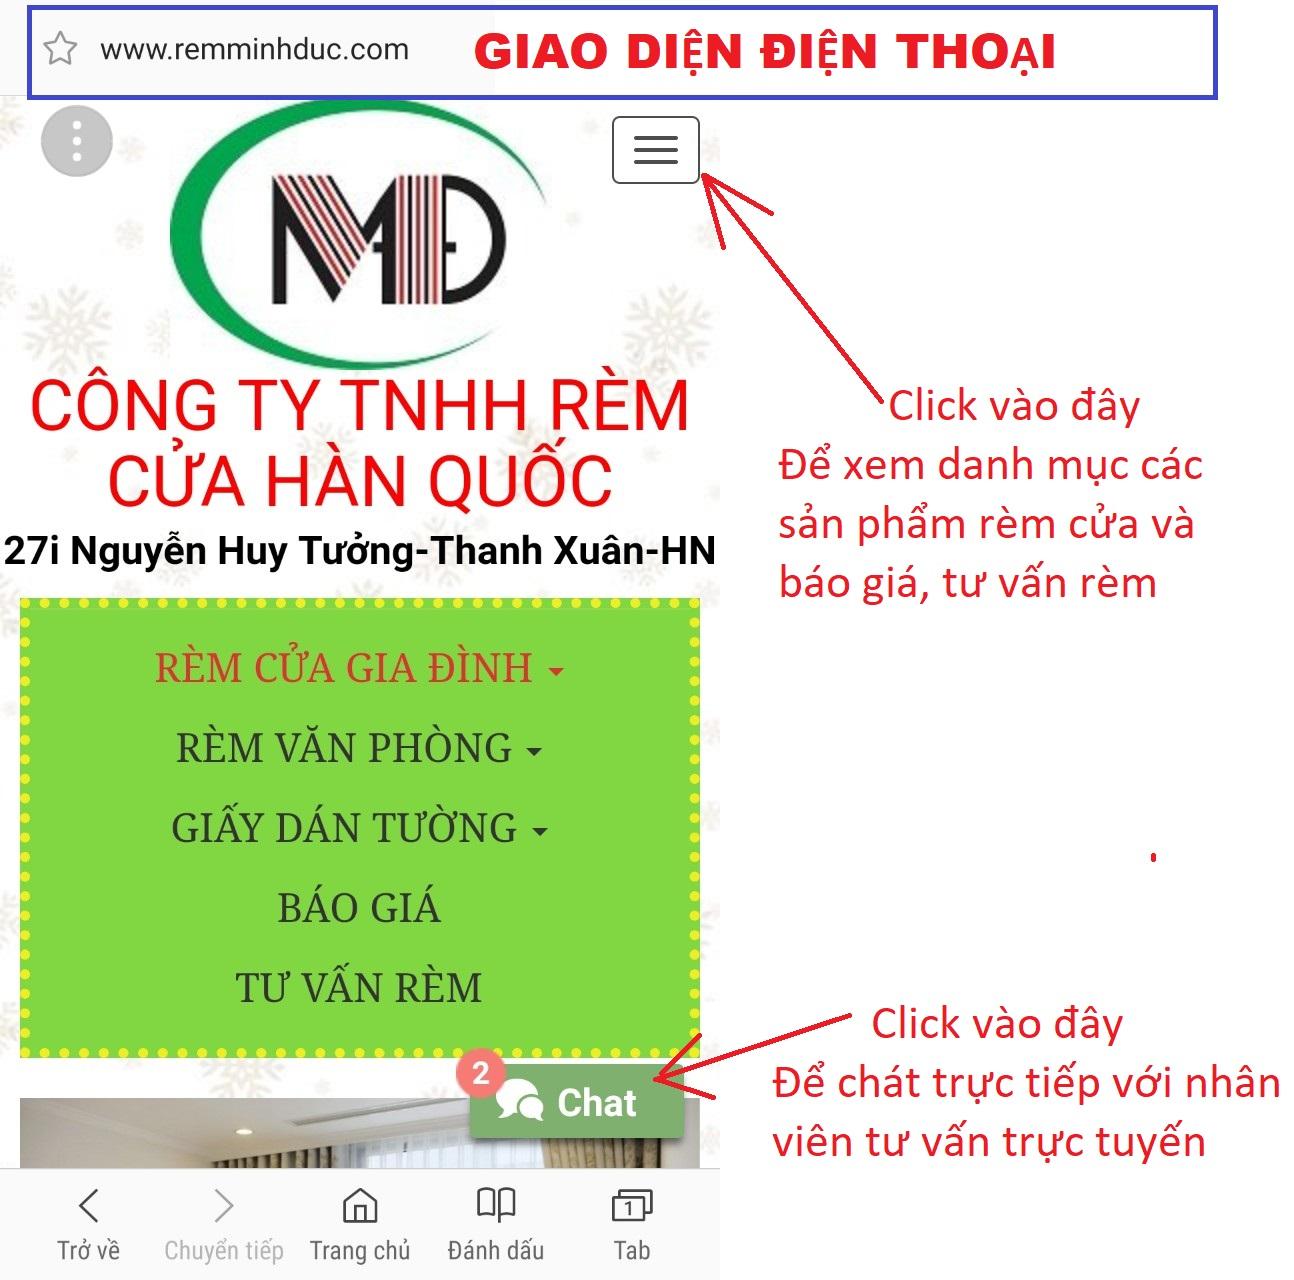 Tu van rem cua ngay tren website bang cach chat truc tuyen tren giao dien di dong